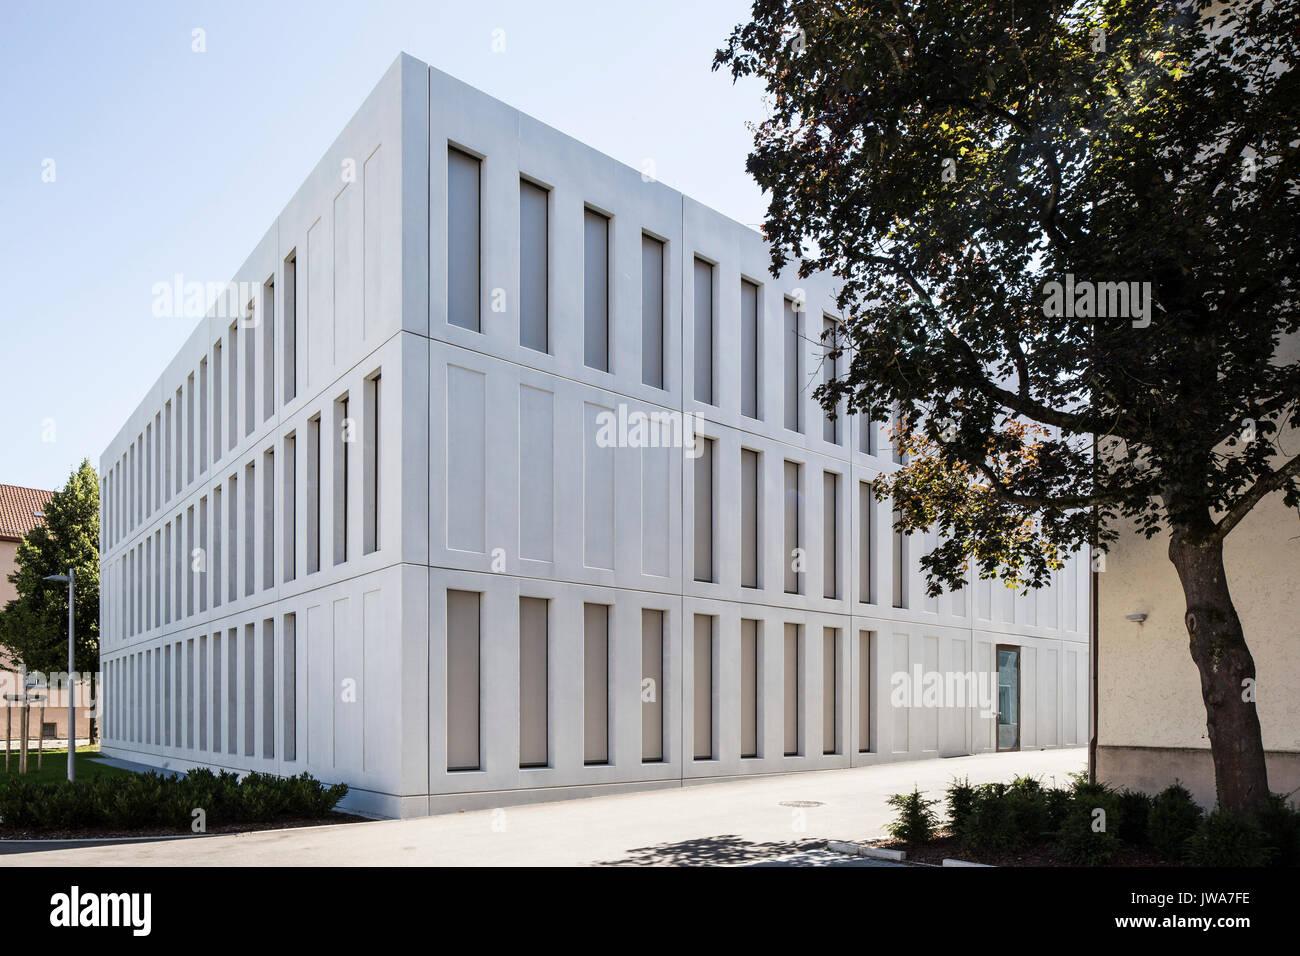 Architekten Biberach corner elevation finanzamt finance office biberach biberach